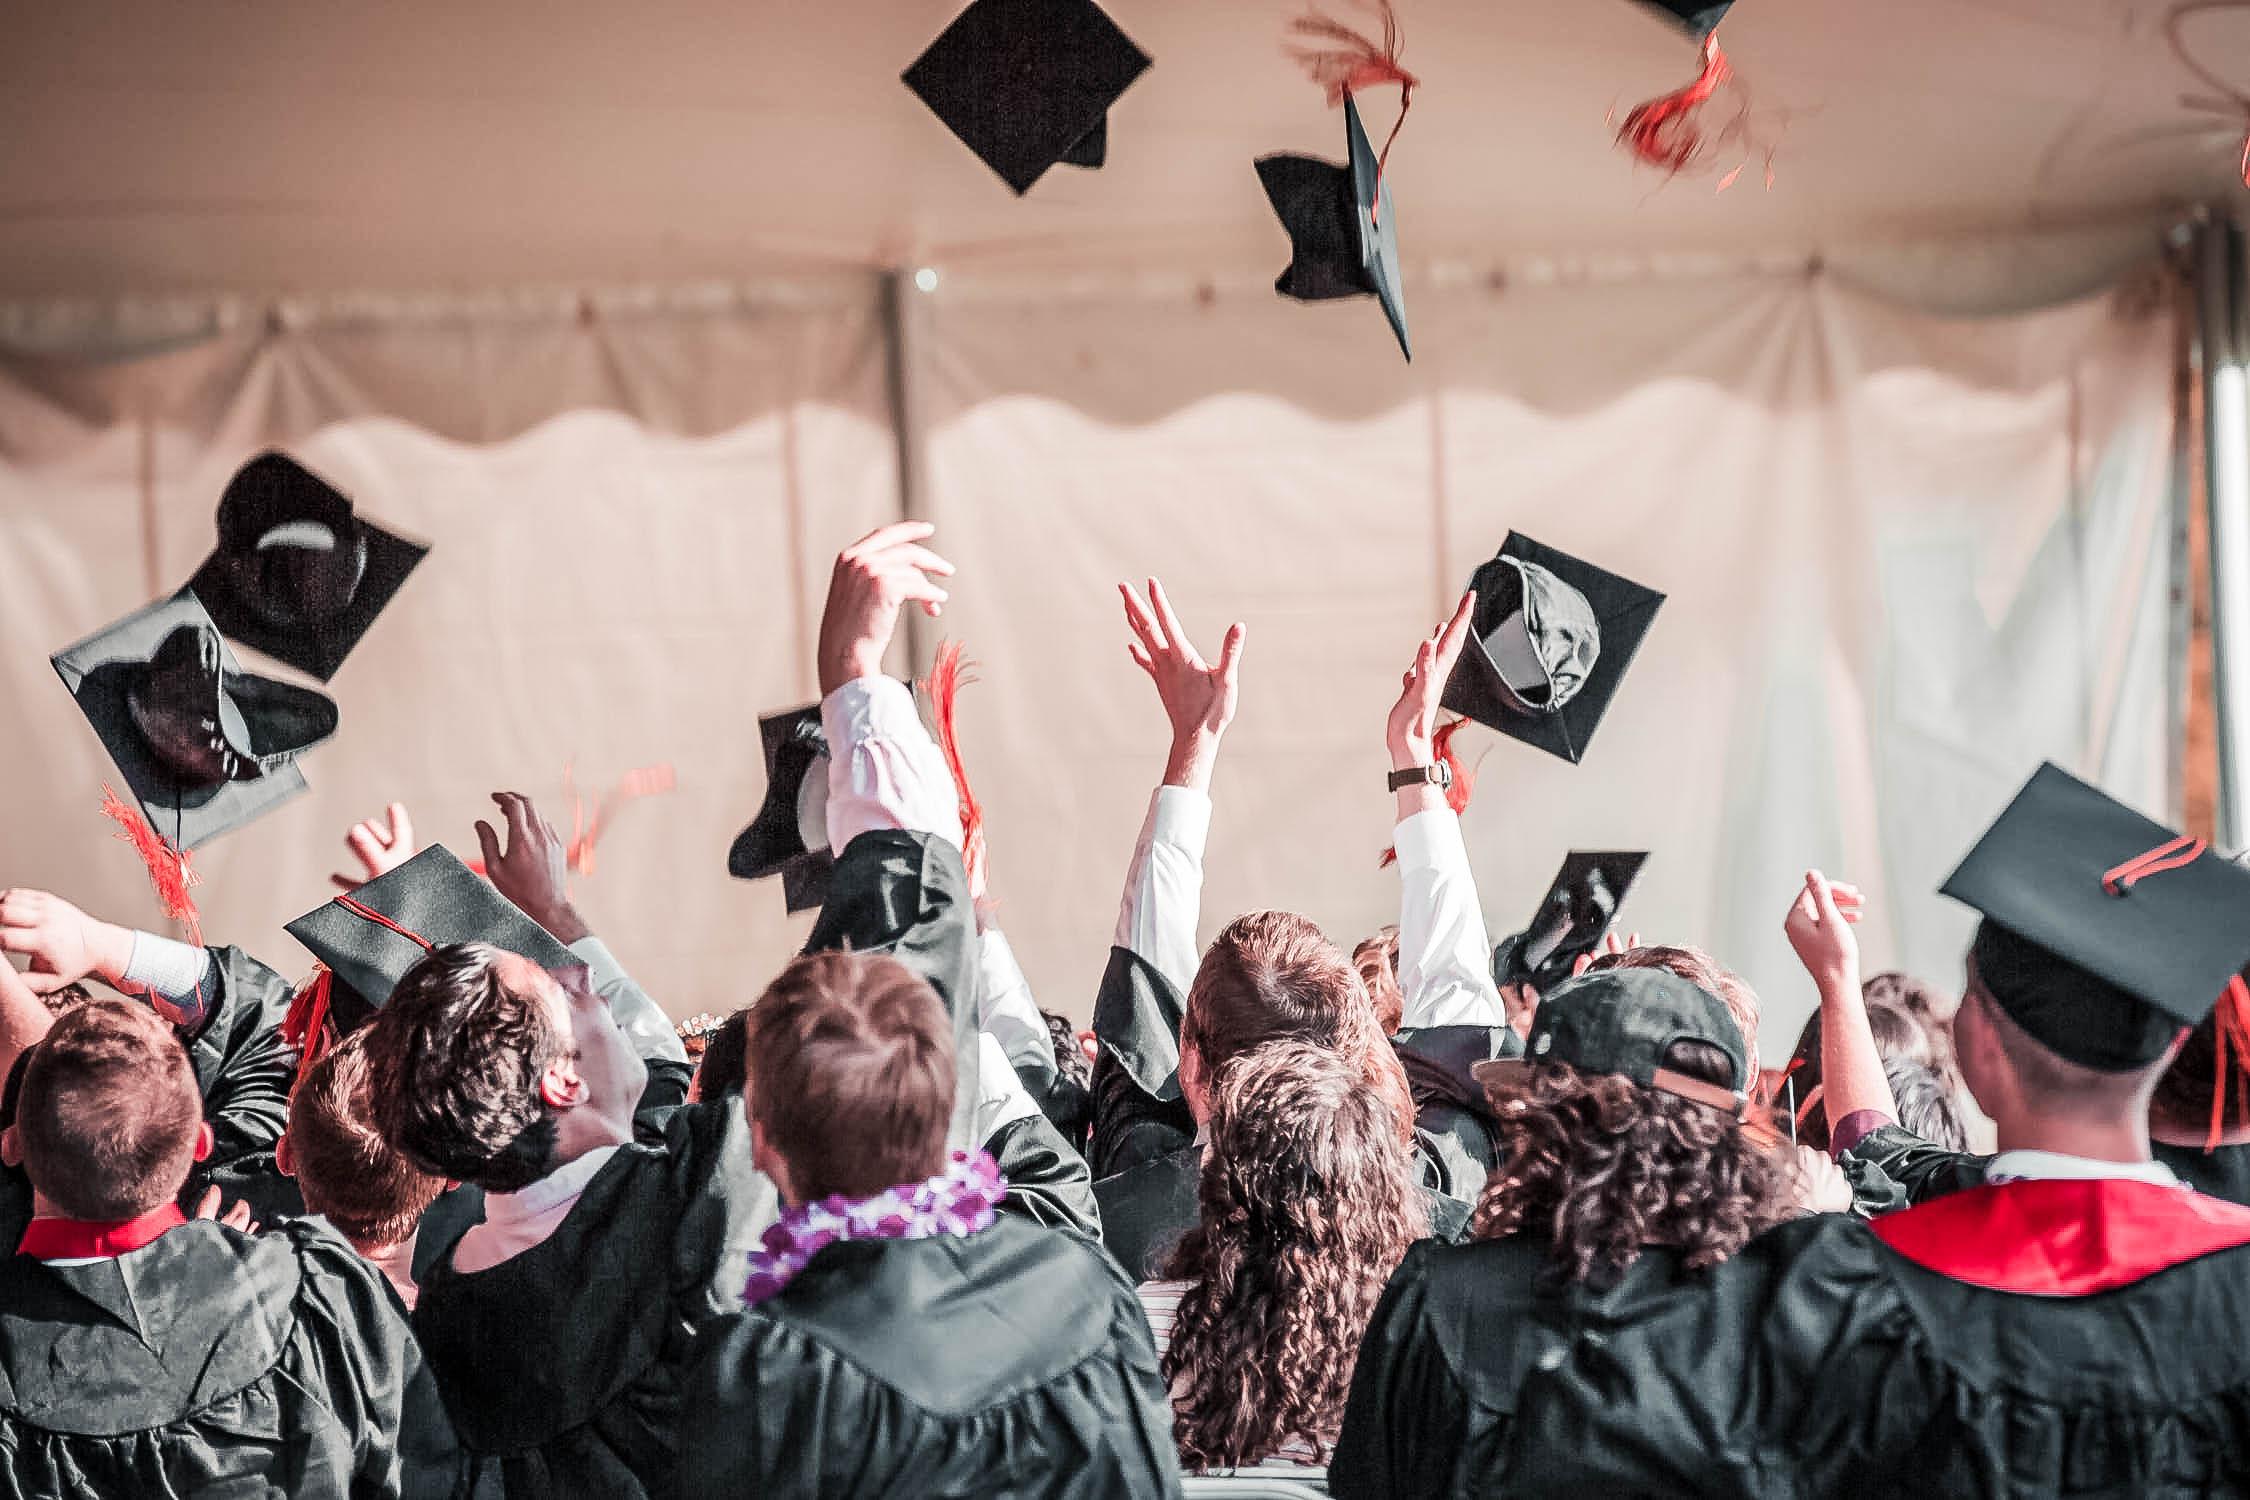 Do new graduates need life insurance?